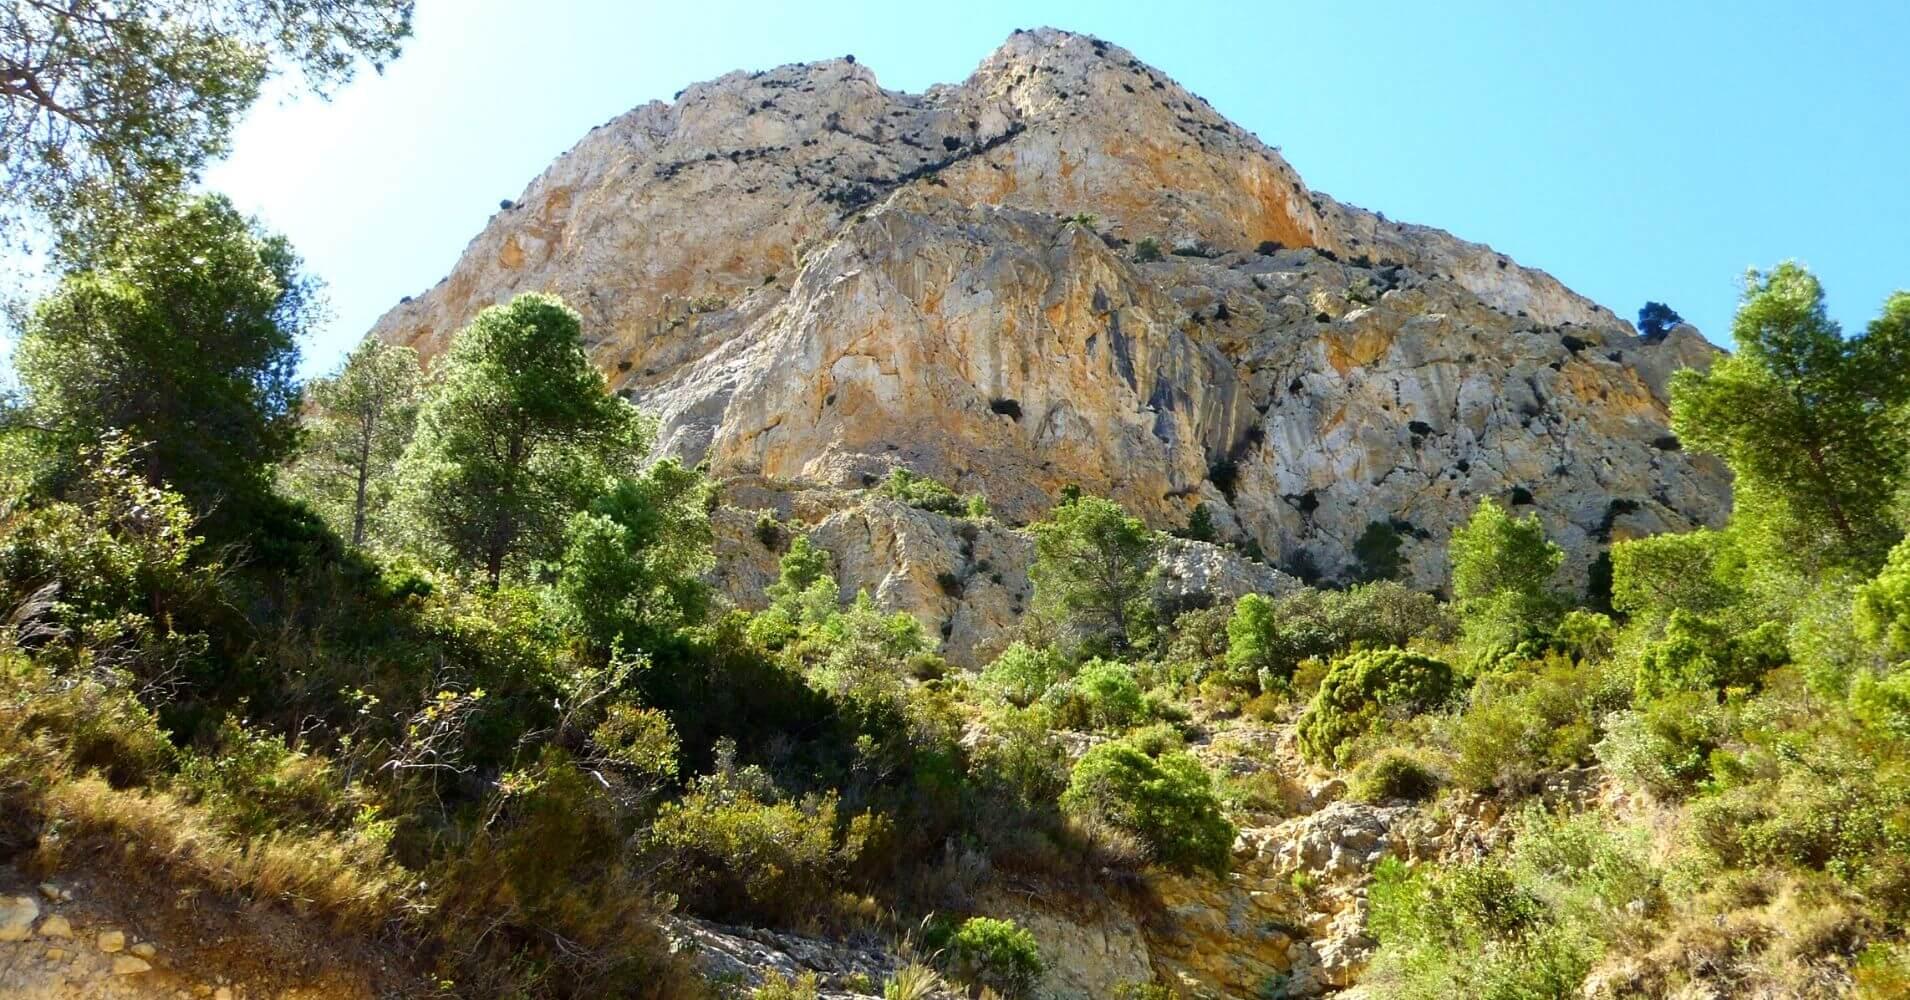 Vía Ferrata Norte del Cid. Petrer. Alicante. Comunidad Valenciana.